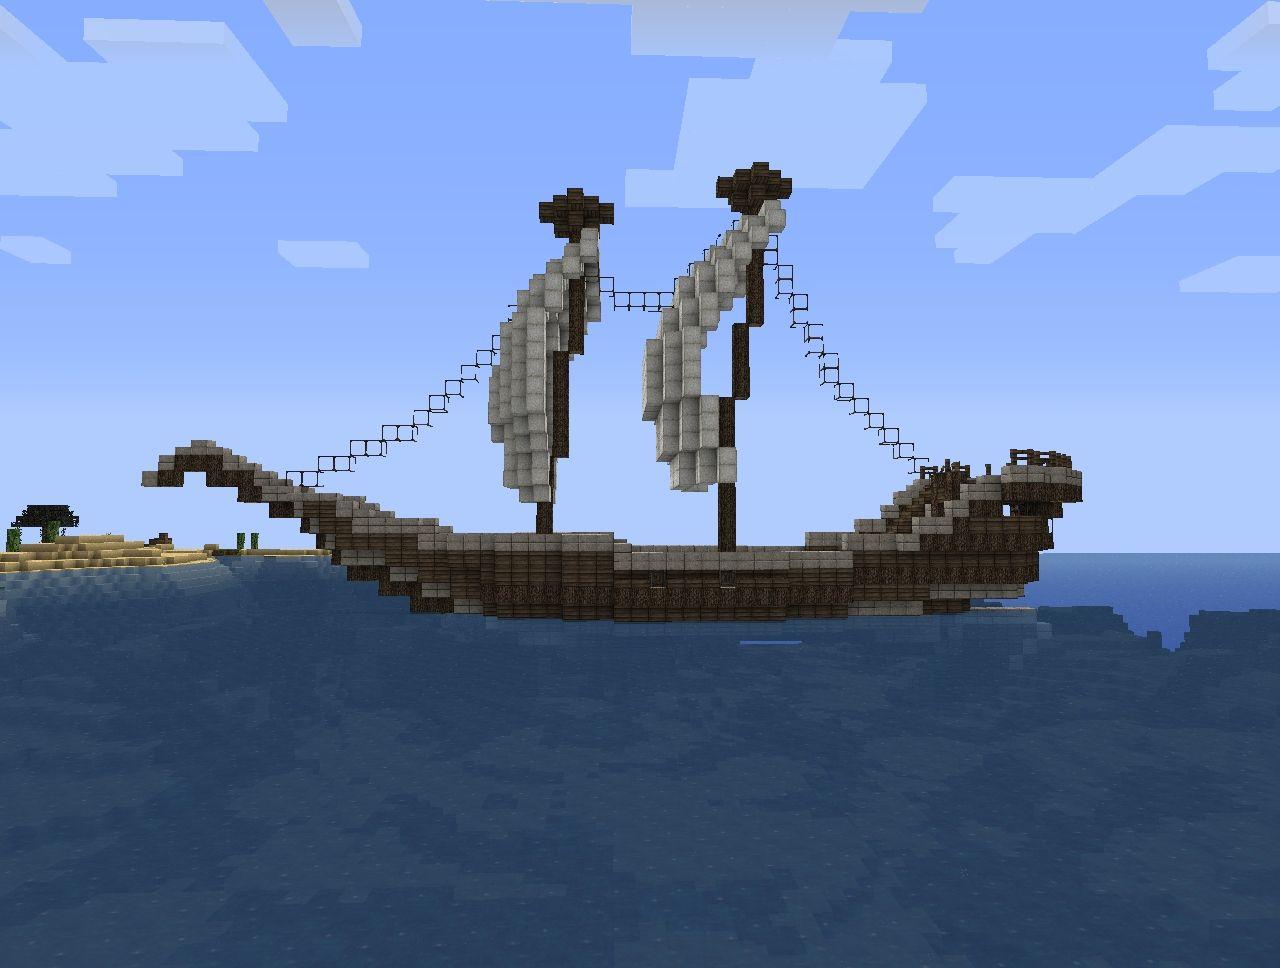 Pirate Ship Design Minecraft Small pirate ship minecraftPirate Ship Minecraft Design